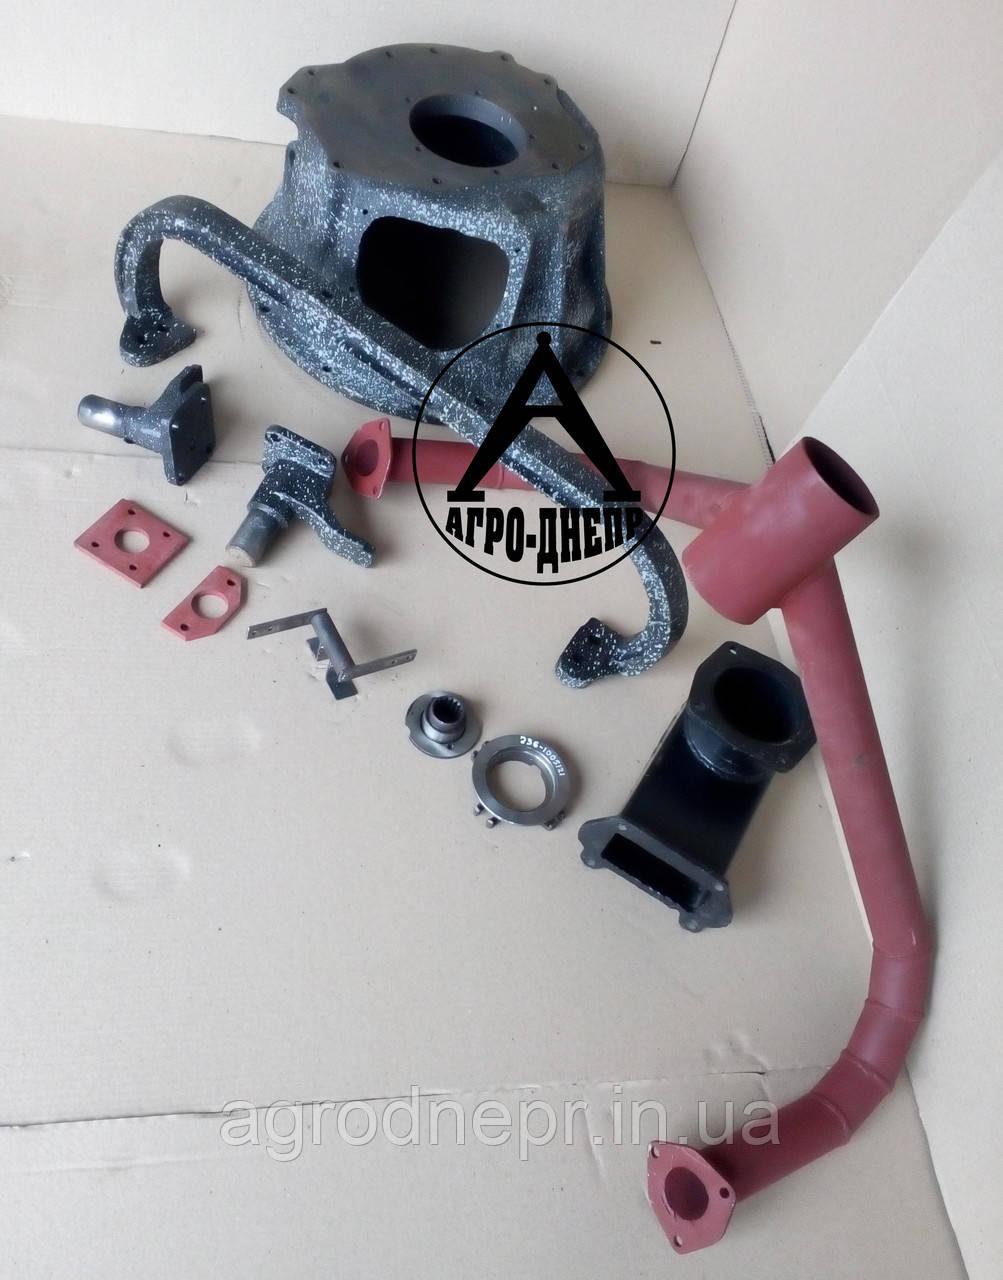 Комплект деталей для переоборудования трактора ХТЗ под двигатель ЯМЗ 236/238-Д 150.21.000 Д